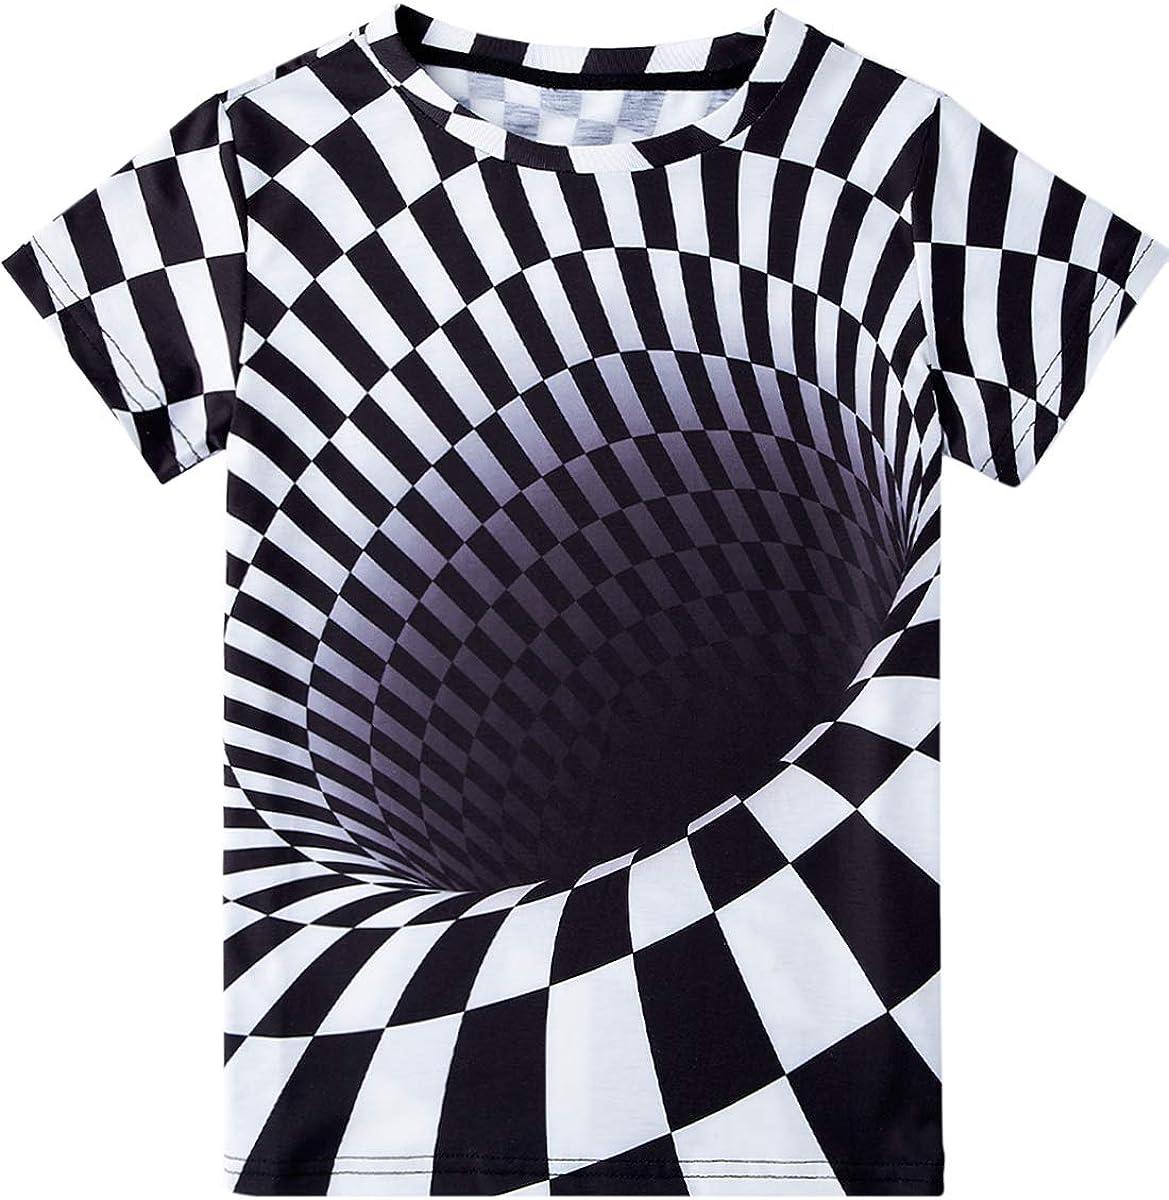 Belovecol Jungen M/ädchen 3D T-Shirt Cool Kurzarm T Shirt Sommer Tshirt for Kinder Jugend Teens 6-16 Jahre